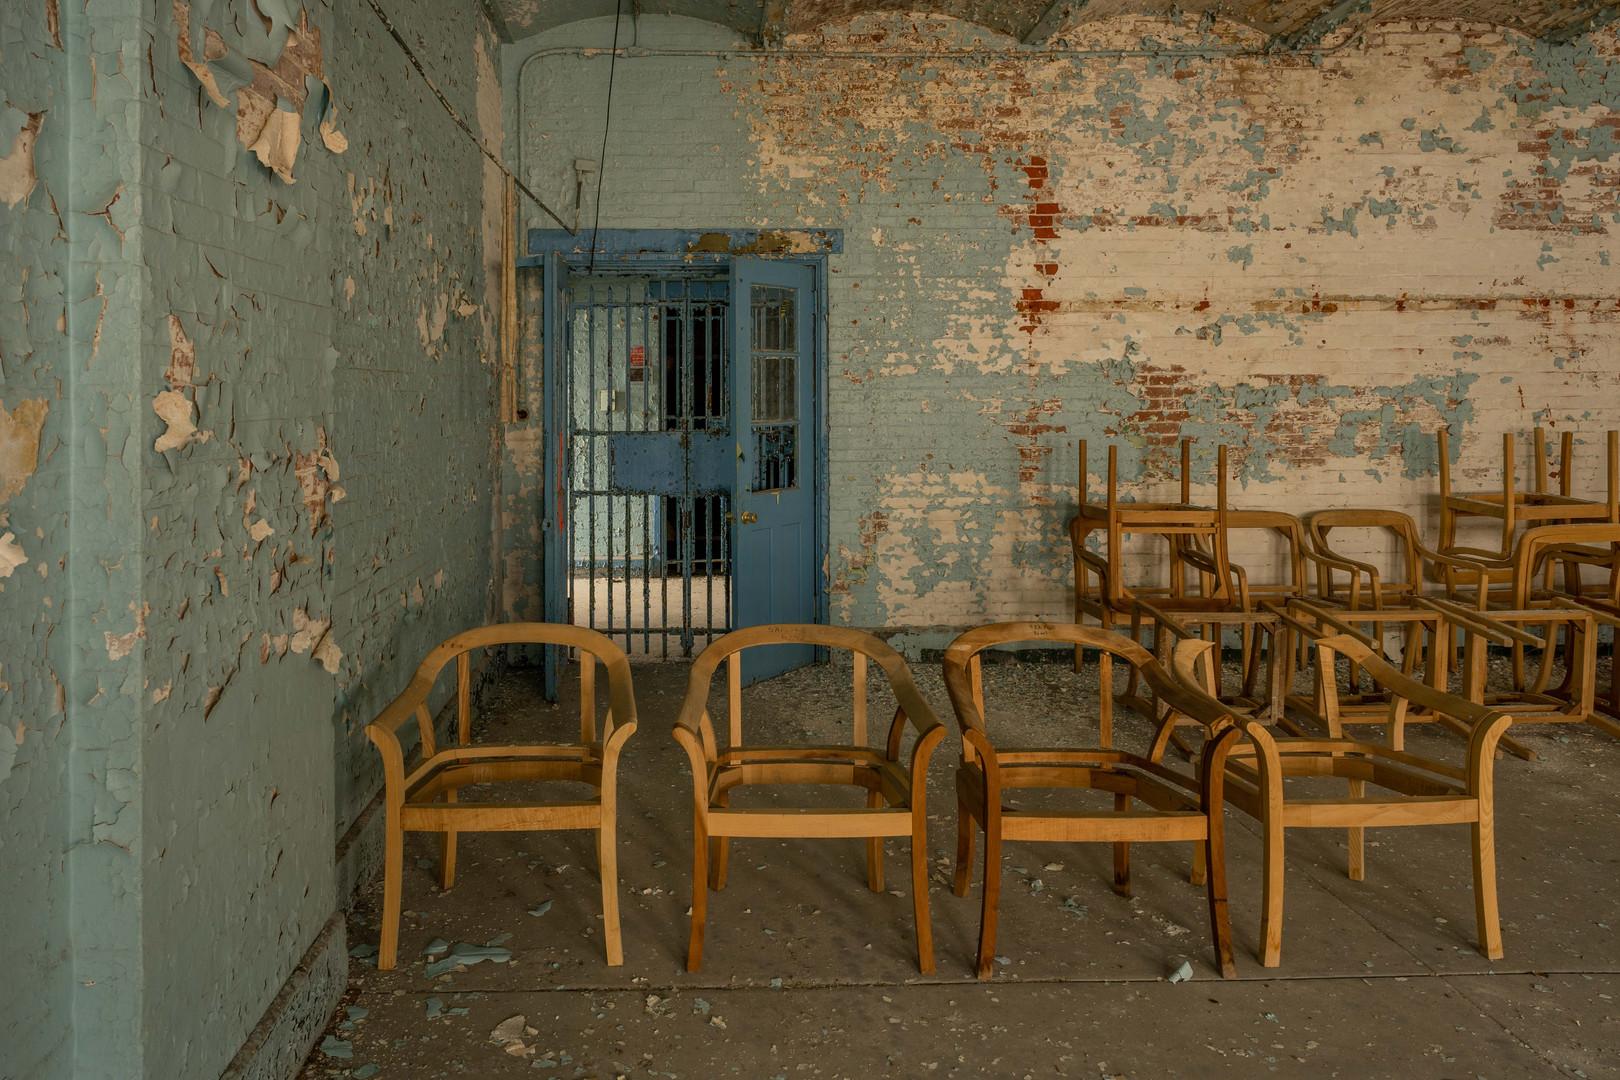 Prison Upholstery Workshop